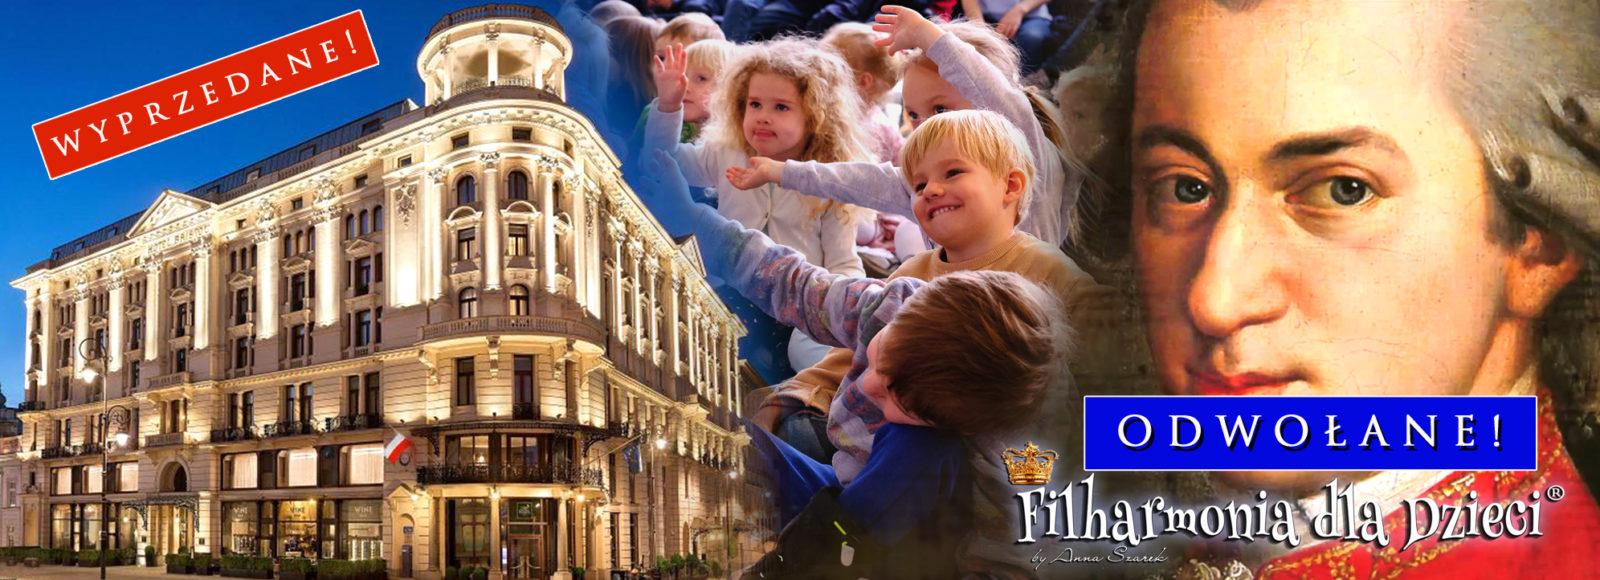 Filharmonia-dla-dzieci-odwolanie-maj-2020